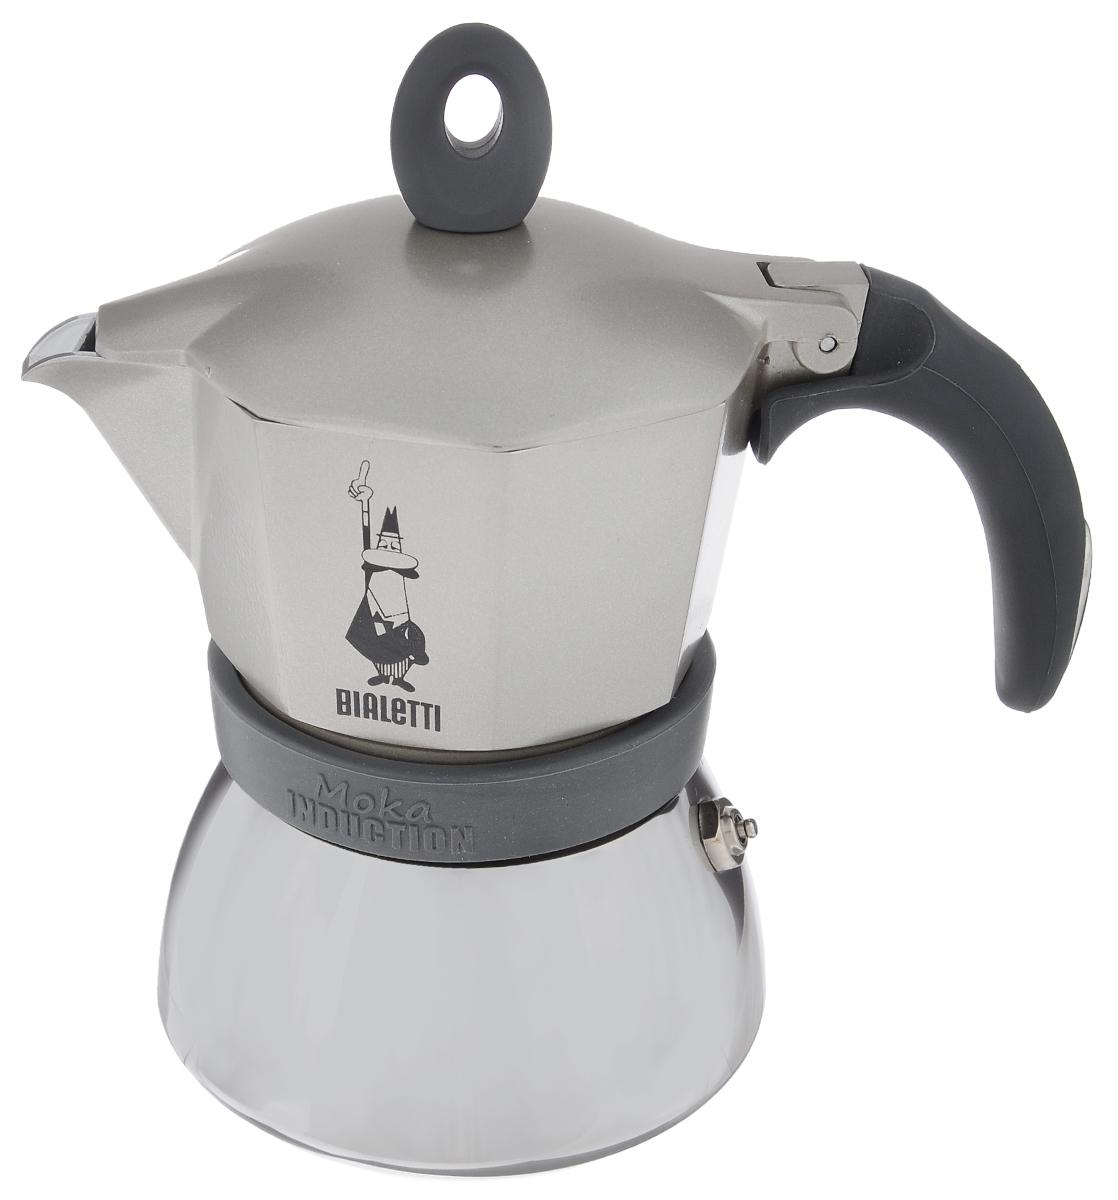 Кофеварка гейзерная Bialetti Moka Induction, цвет: серый, на 3 чашки115510Компактная гейзерная кофеварка Bialetti Moka Induction изготовлена из высококачественного алюминия и стали. Объема кофе хватает на 3 чашки. Изделие оснащено удобной обрезиненной ручкой.Принцип работы такой гейзерной кофеварки - кофе заваривается путем многократного прохождения горячей воды или пара через слой молотого кофе. Удобство кофеварки в том, что вся кофейная гуща остается во внутренней емкости. Гейзерные кофеварки пользуются большой популярностью благодаря изысканному аромату. Кофе получается крепкий и насыщенный. Теперь и дома вы сможете насладиться великолепным эспрессо. Подходит для газовых, электрических, стеклокерамическихиндукционных плит. Нельзя мыть в посудомоечной машине. Высота (с учетом крышки): 17 см.